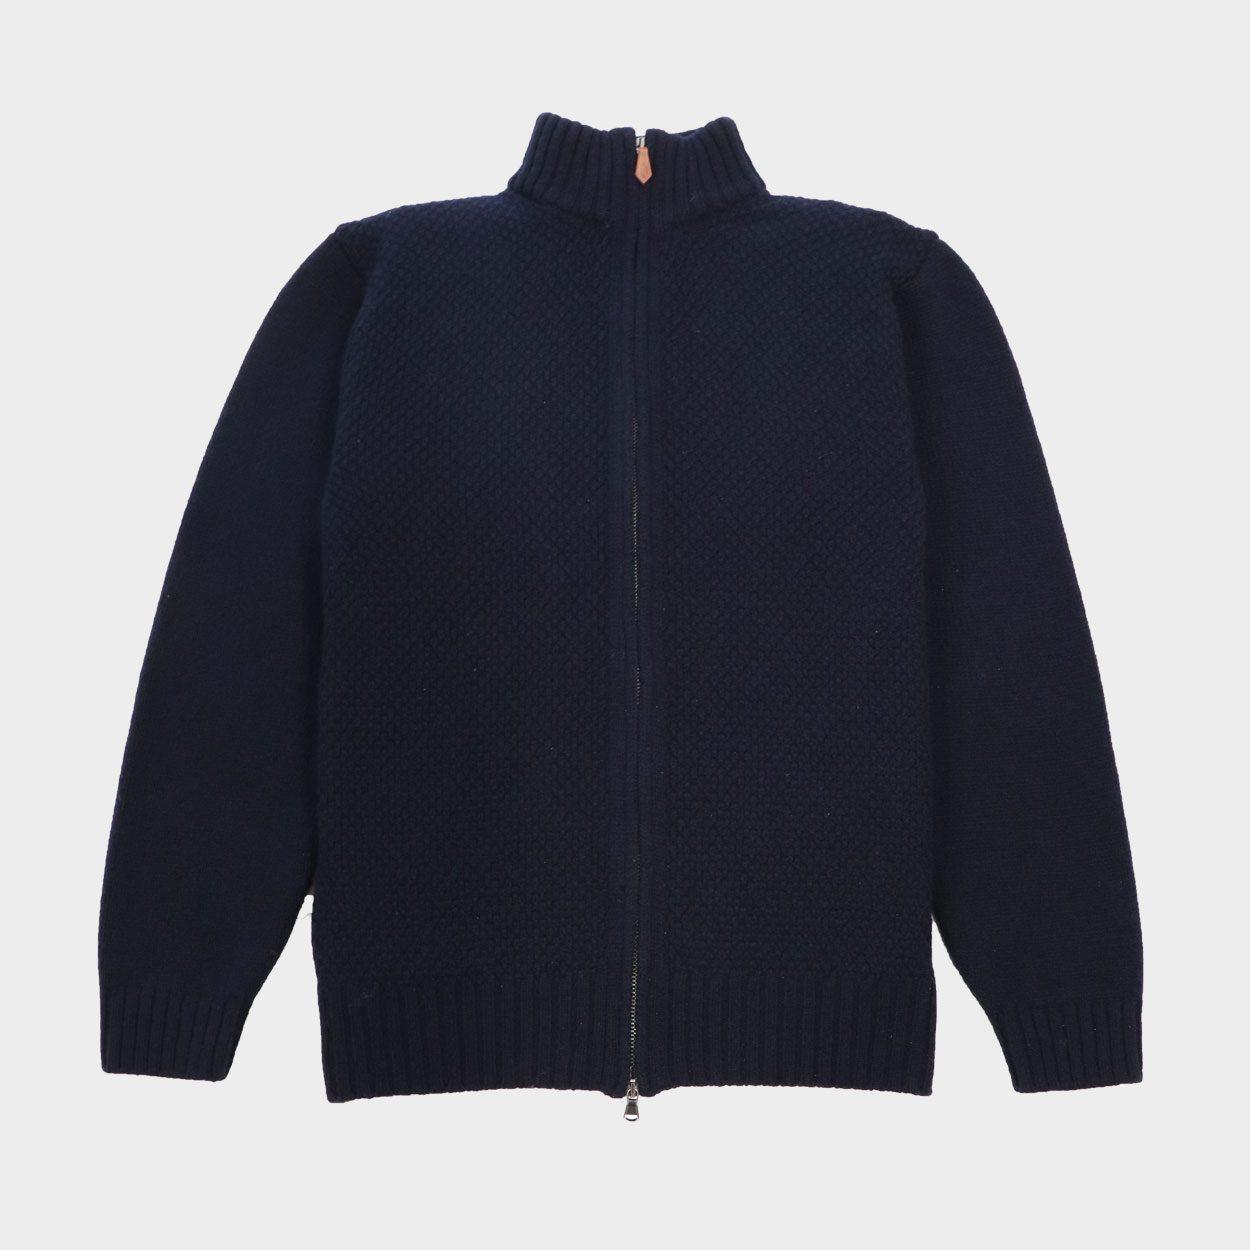 Moss stitch Zipper